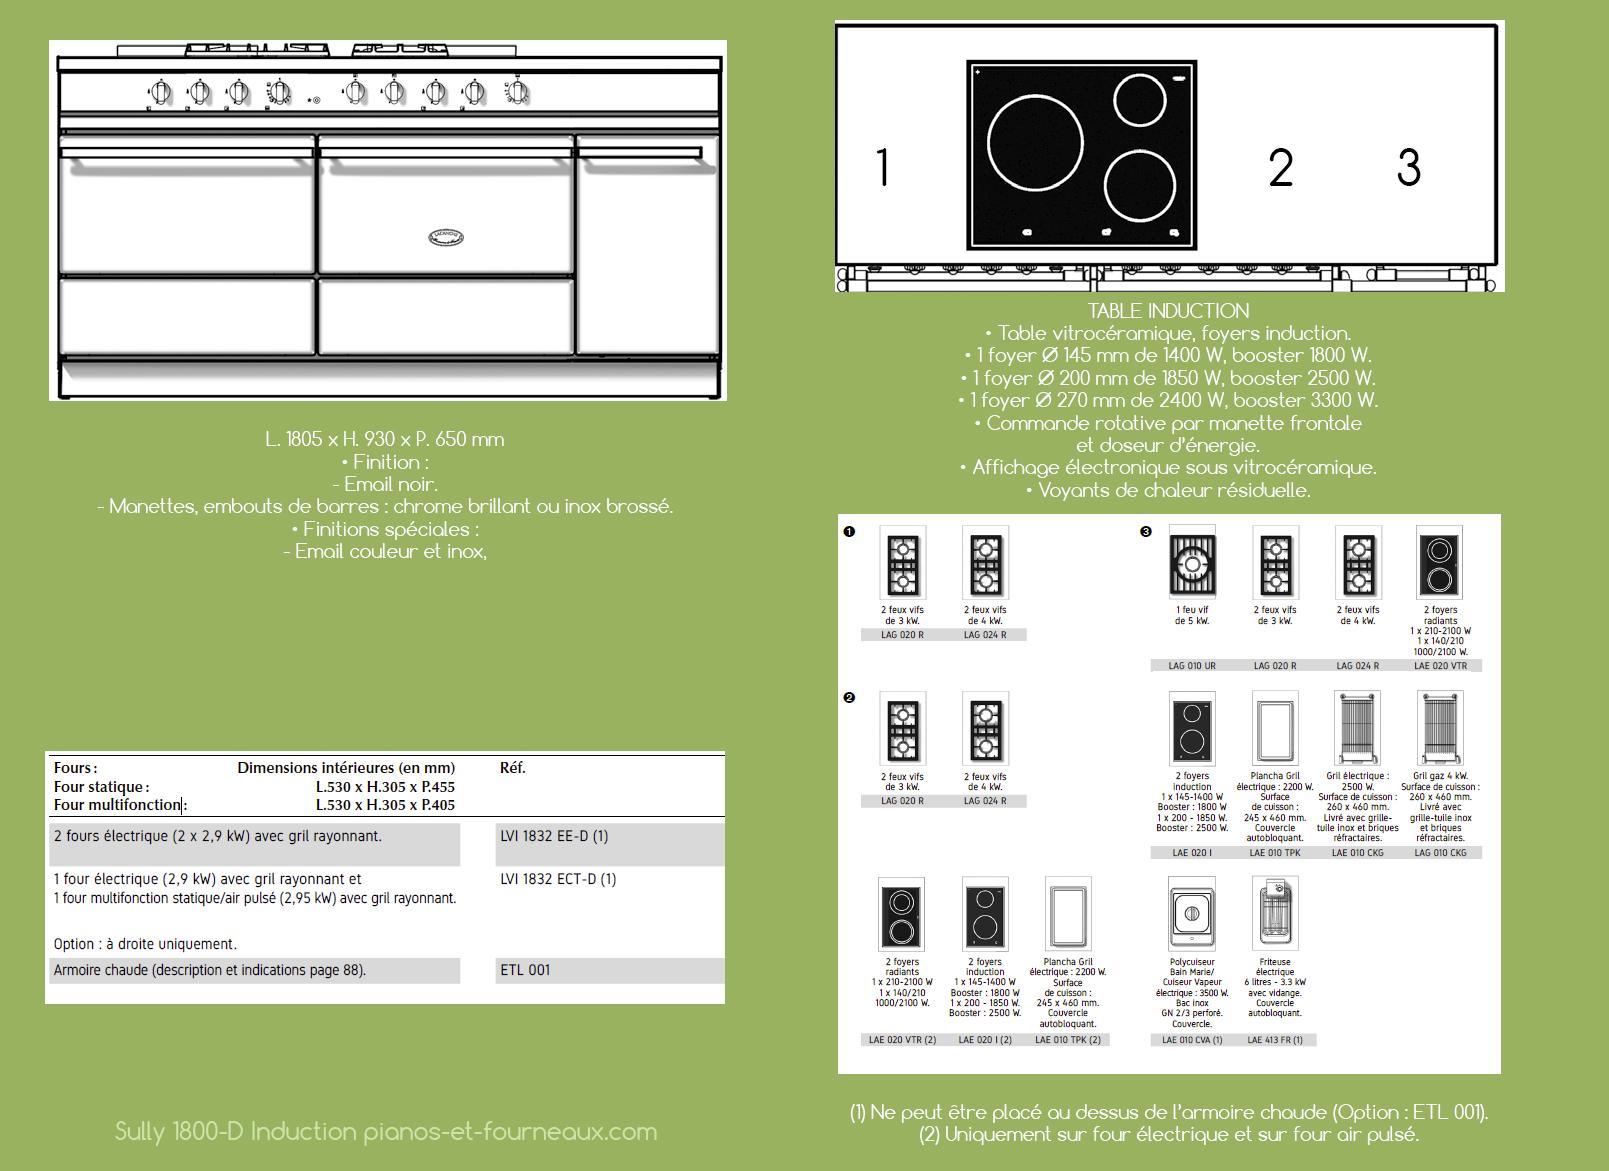 Sully 1800 D Moderne Induction configurations possibles - pianos-et-fourneaux.com le spécialiste des pianos de cuisine et fourneaux de cuisson Lacanche